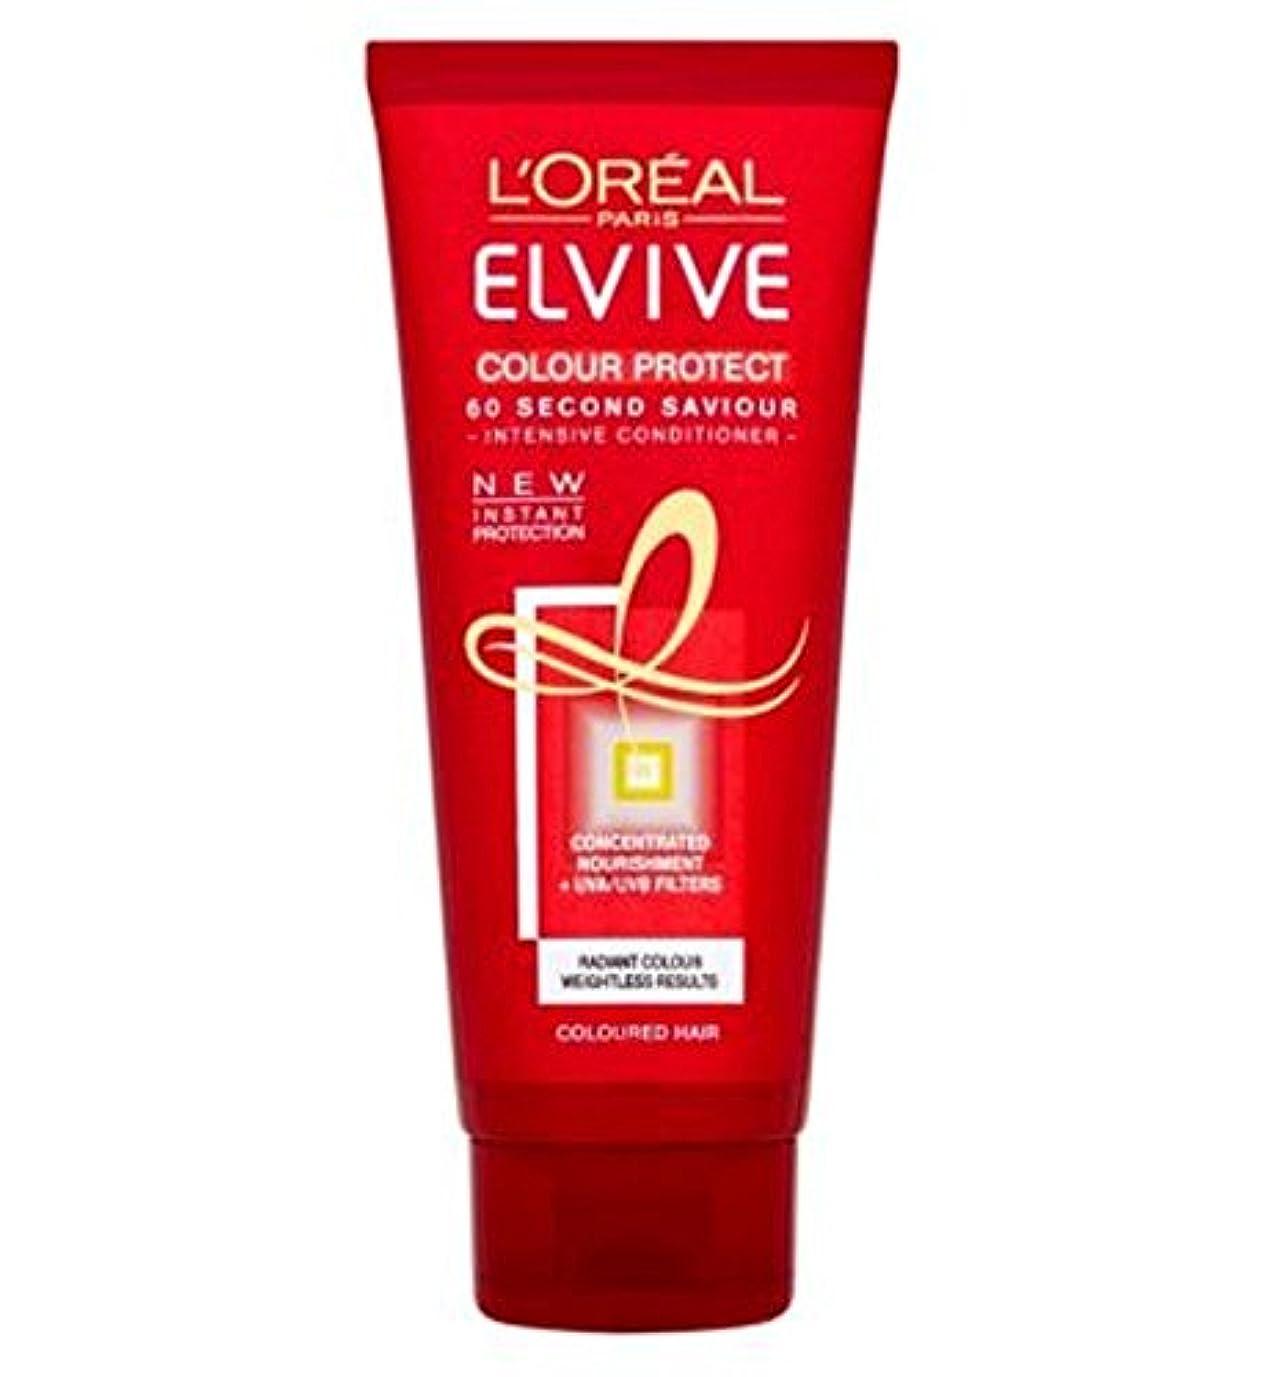 同一性伝染病電池L'Oreall Elvive Colour Protect Conditioner 200ml - L'Oreall Elviveカラーコンディショナー200ミリリットルを保護 (L'Oreal) [並行輸入品]